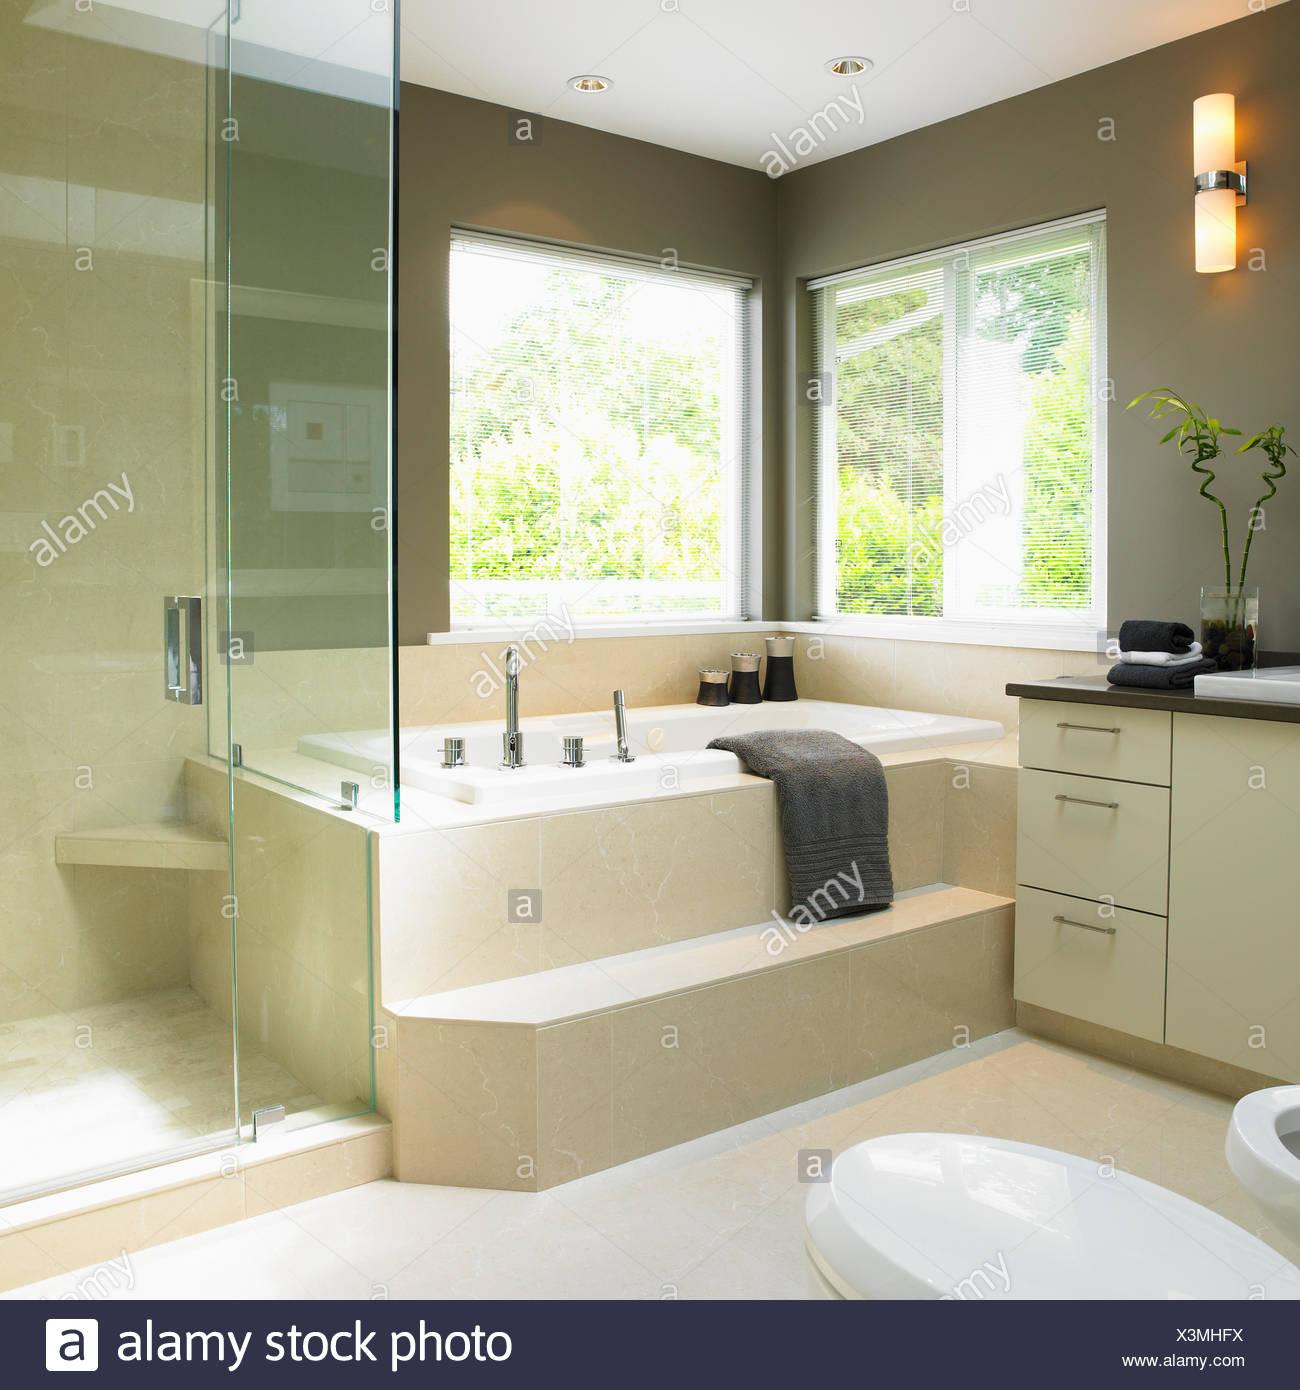 https www alamyimages fr creme et taupe salle de bains avec baignoire profonde victoria vancouver island british columbia image277662670 html